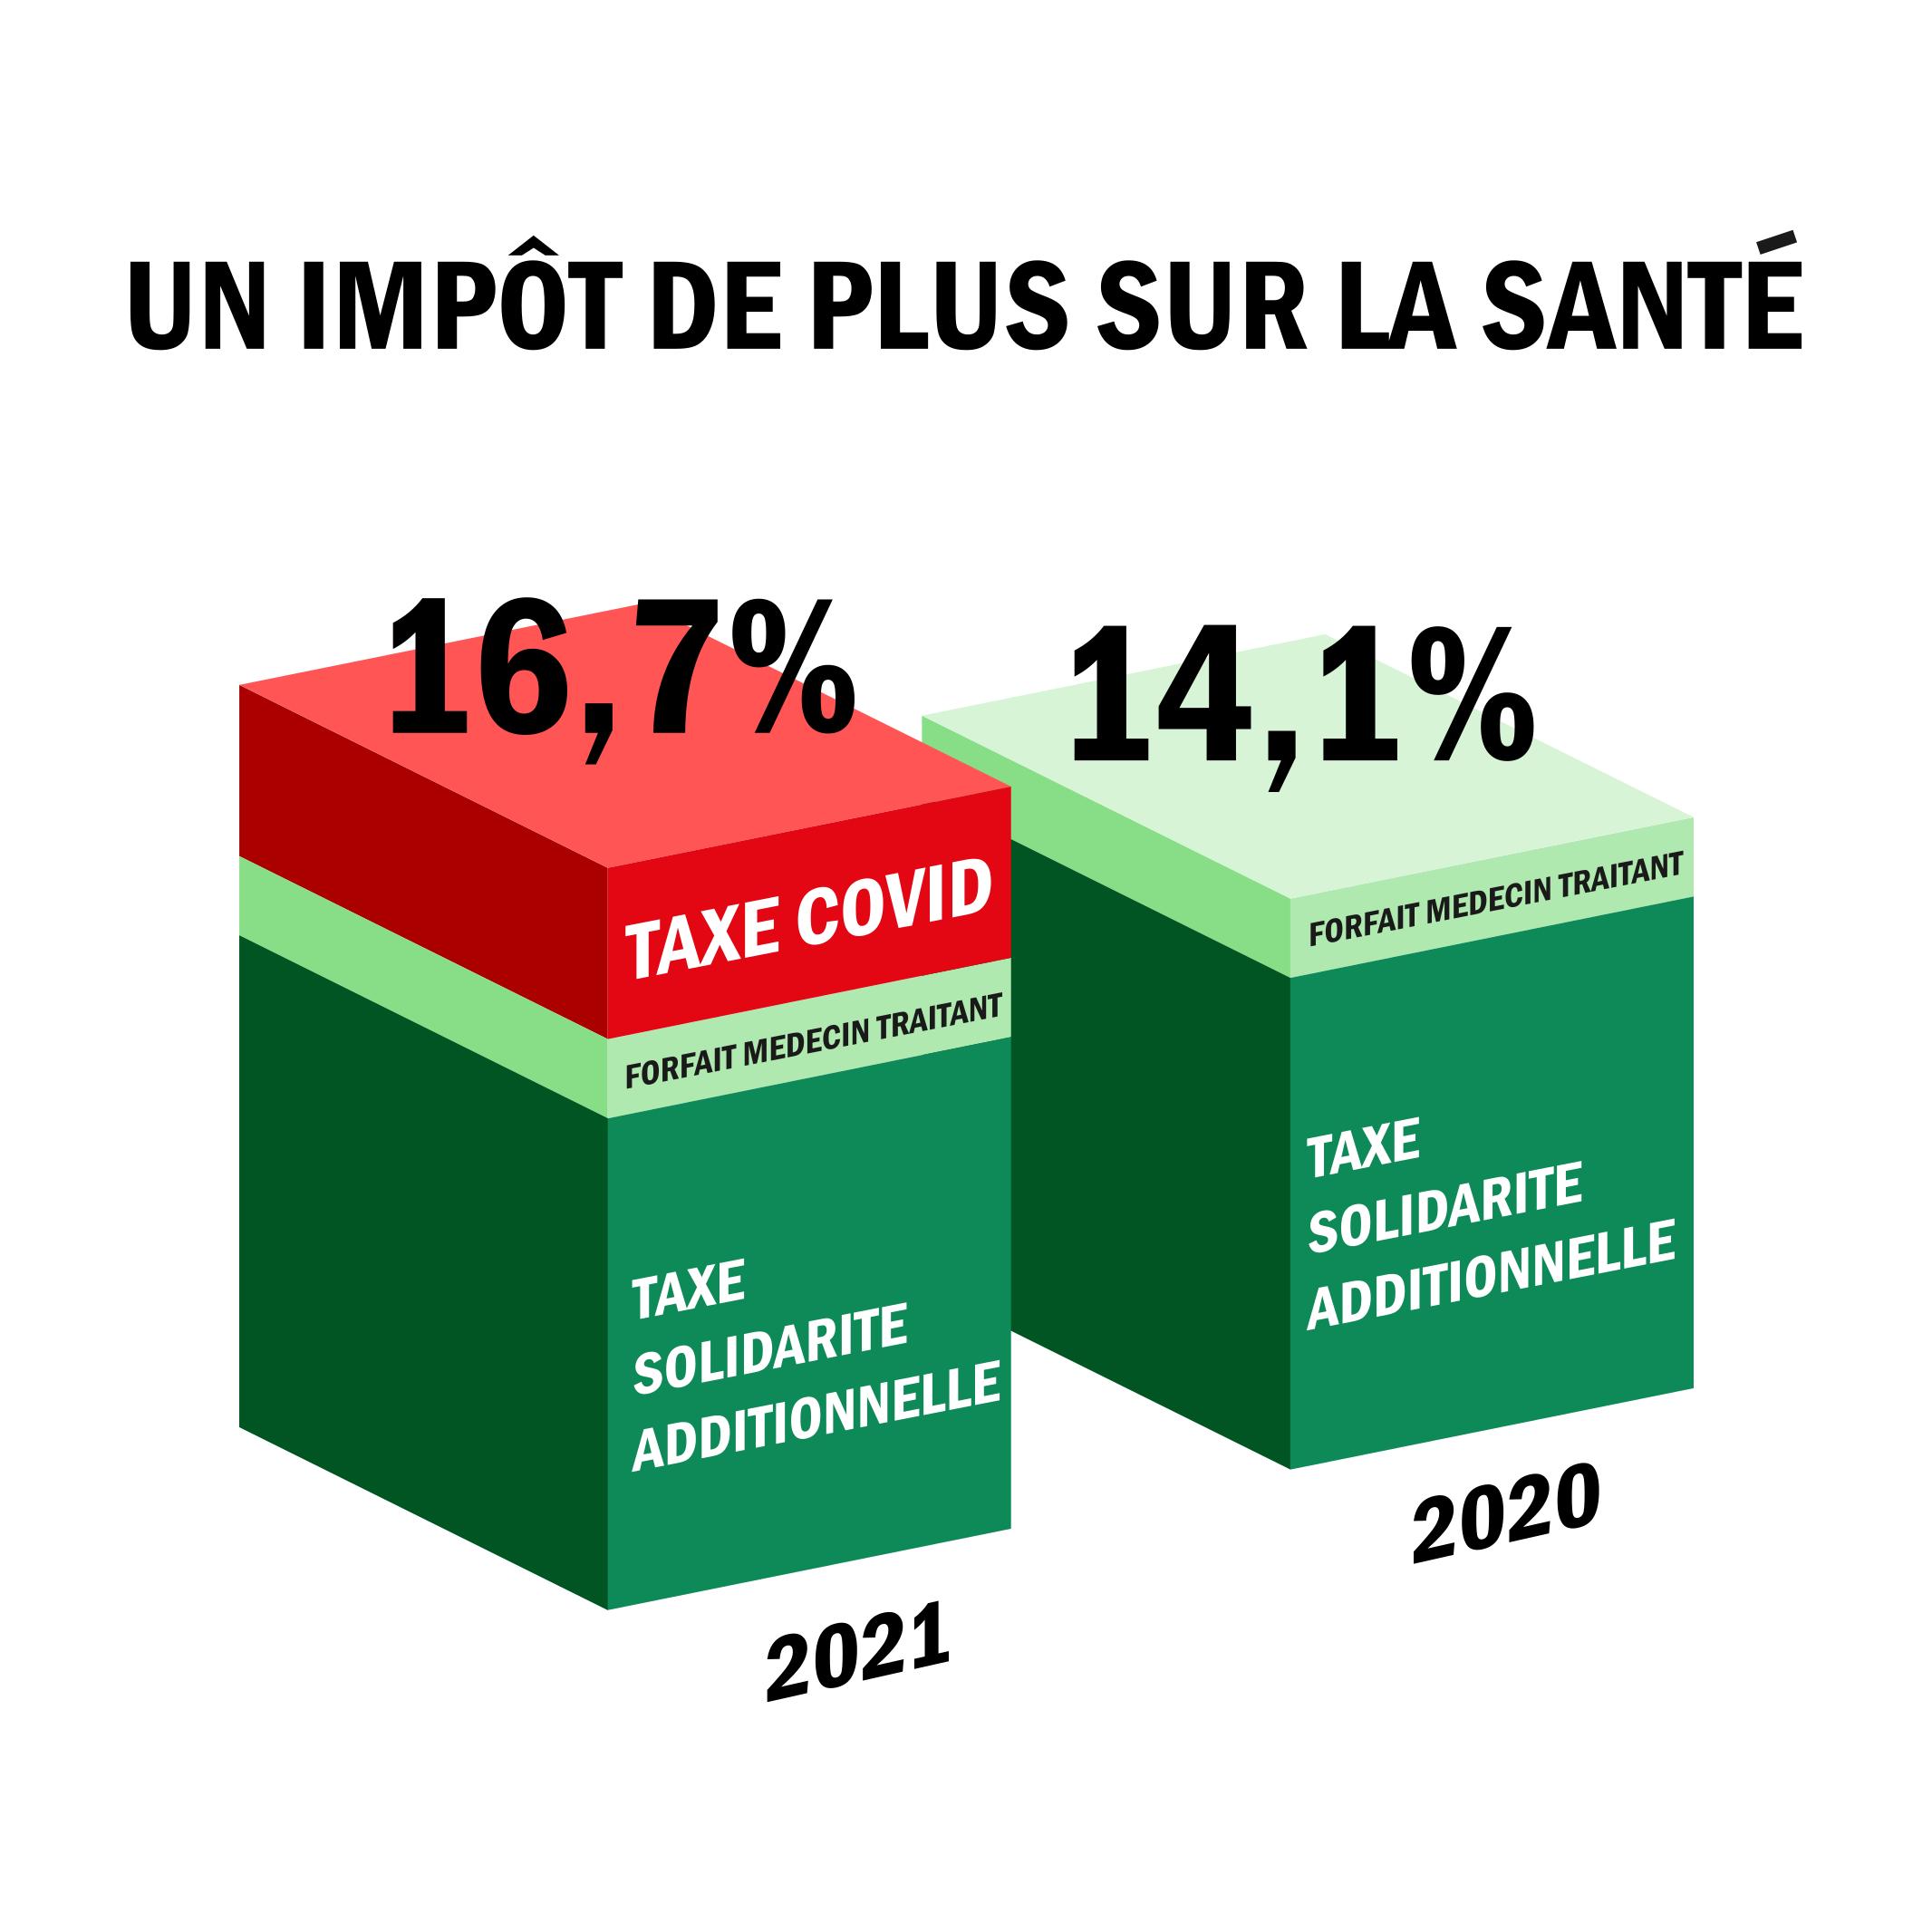 Un impôt de plus sur la Santé